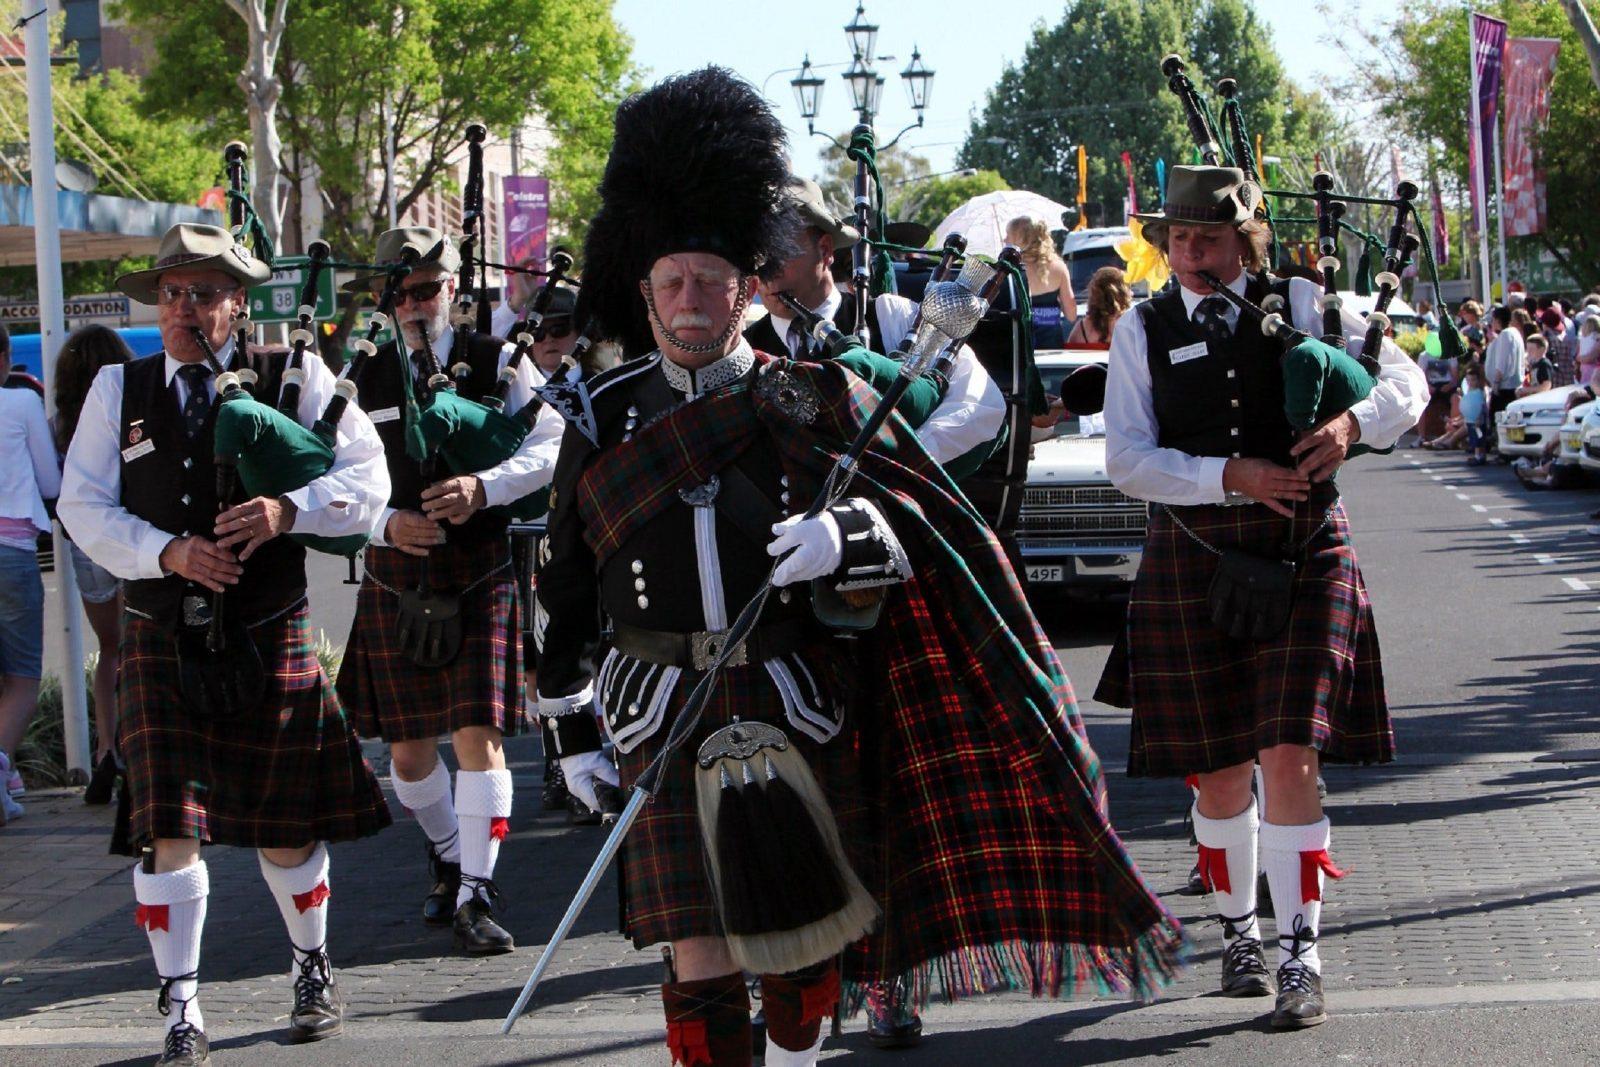 Pipe Bands at Parade